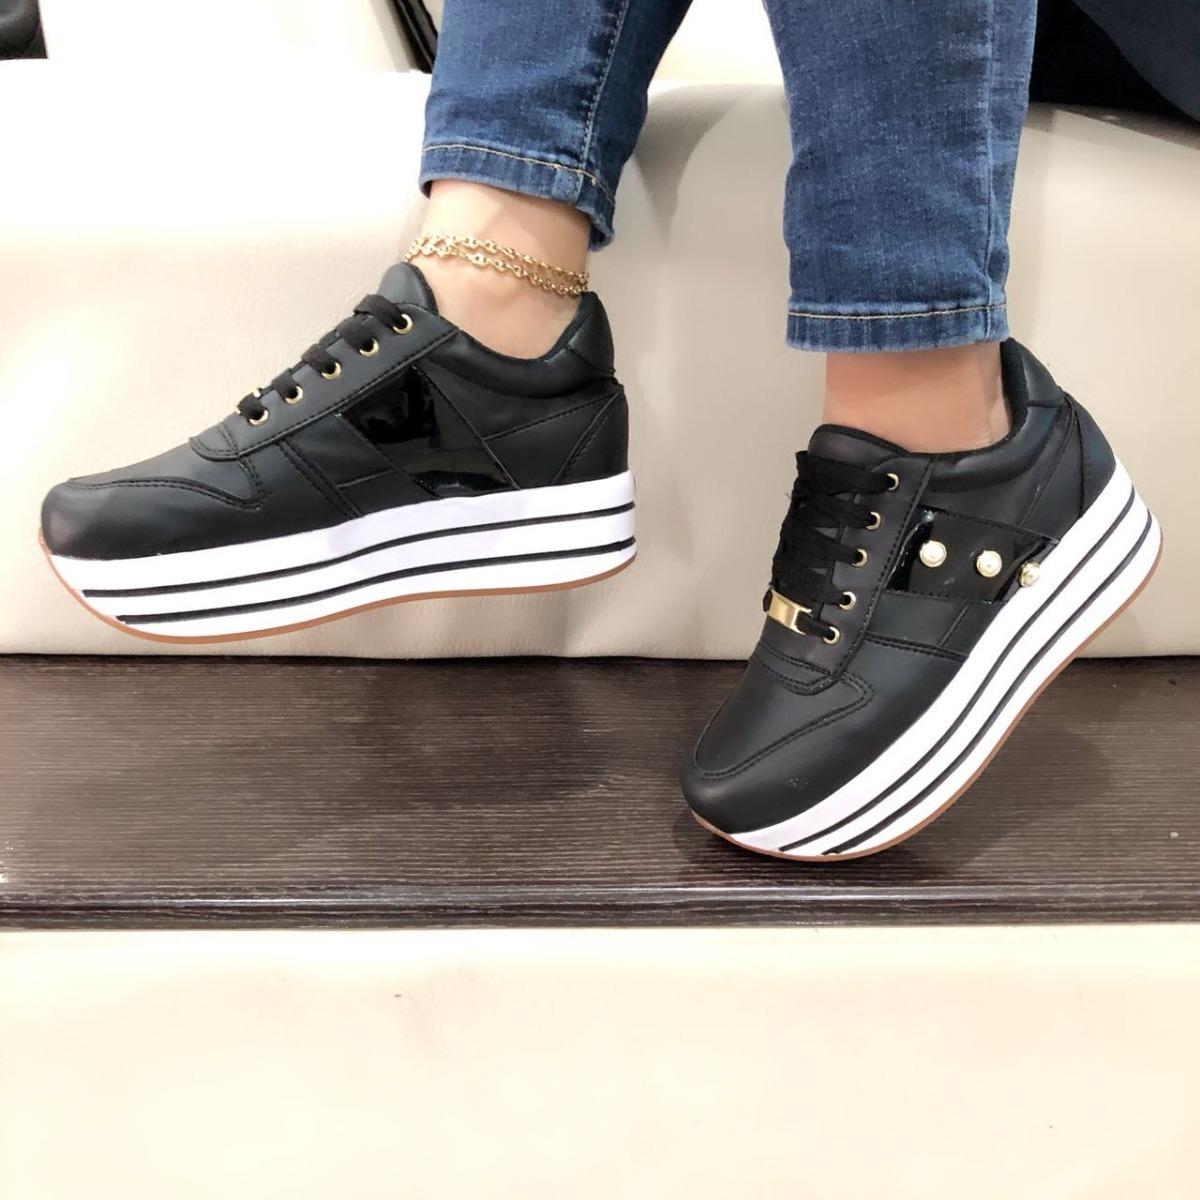 b1b0bc363346c zapatos deportivos tenis negros suela de moda para mujer. Cargando zoom.